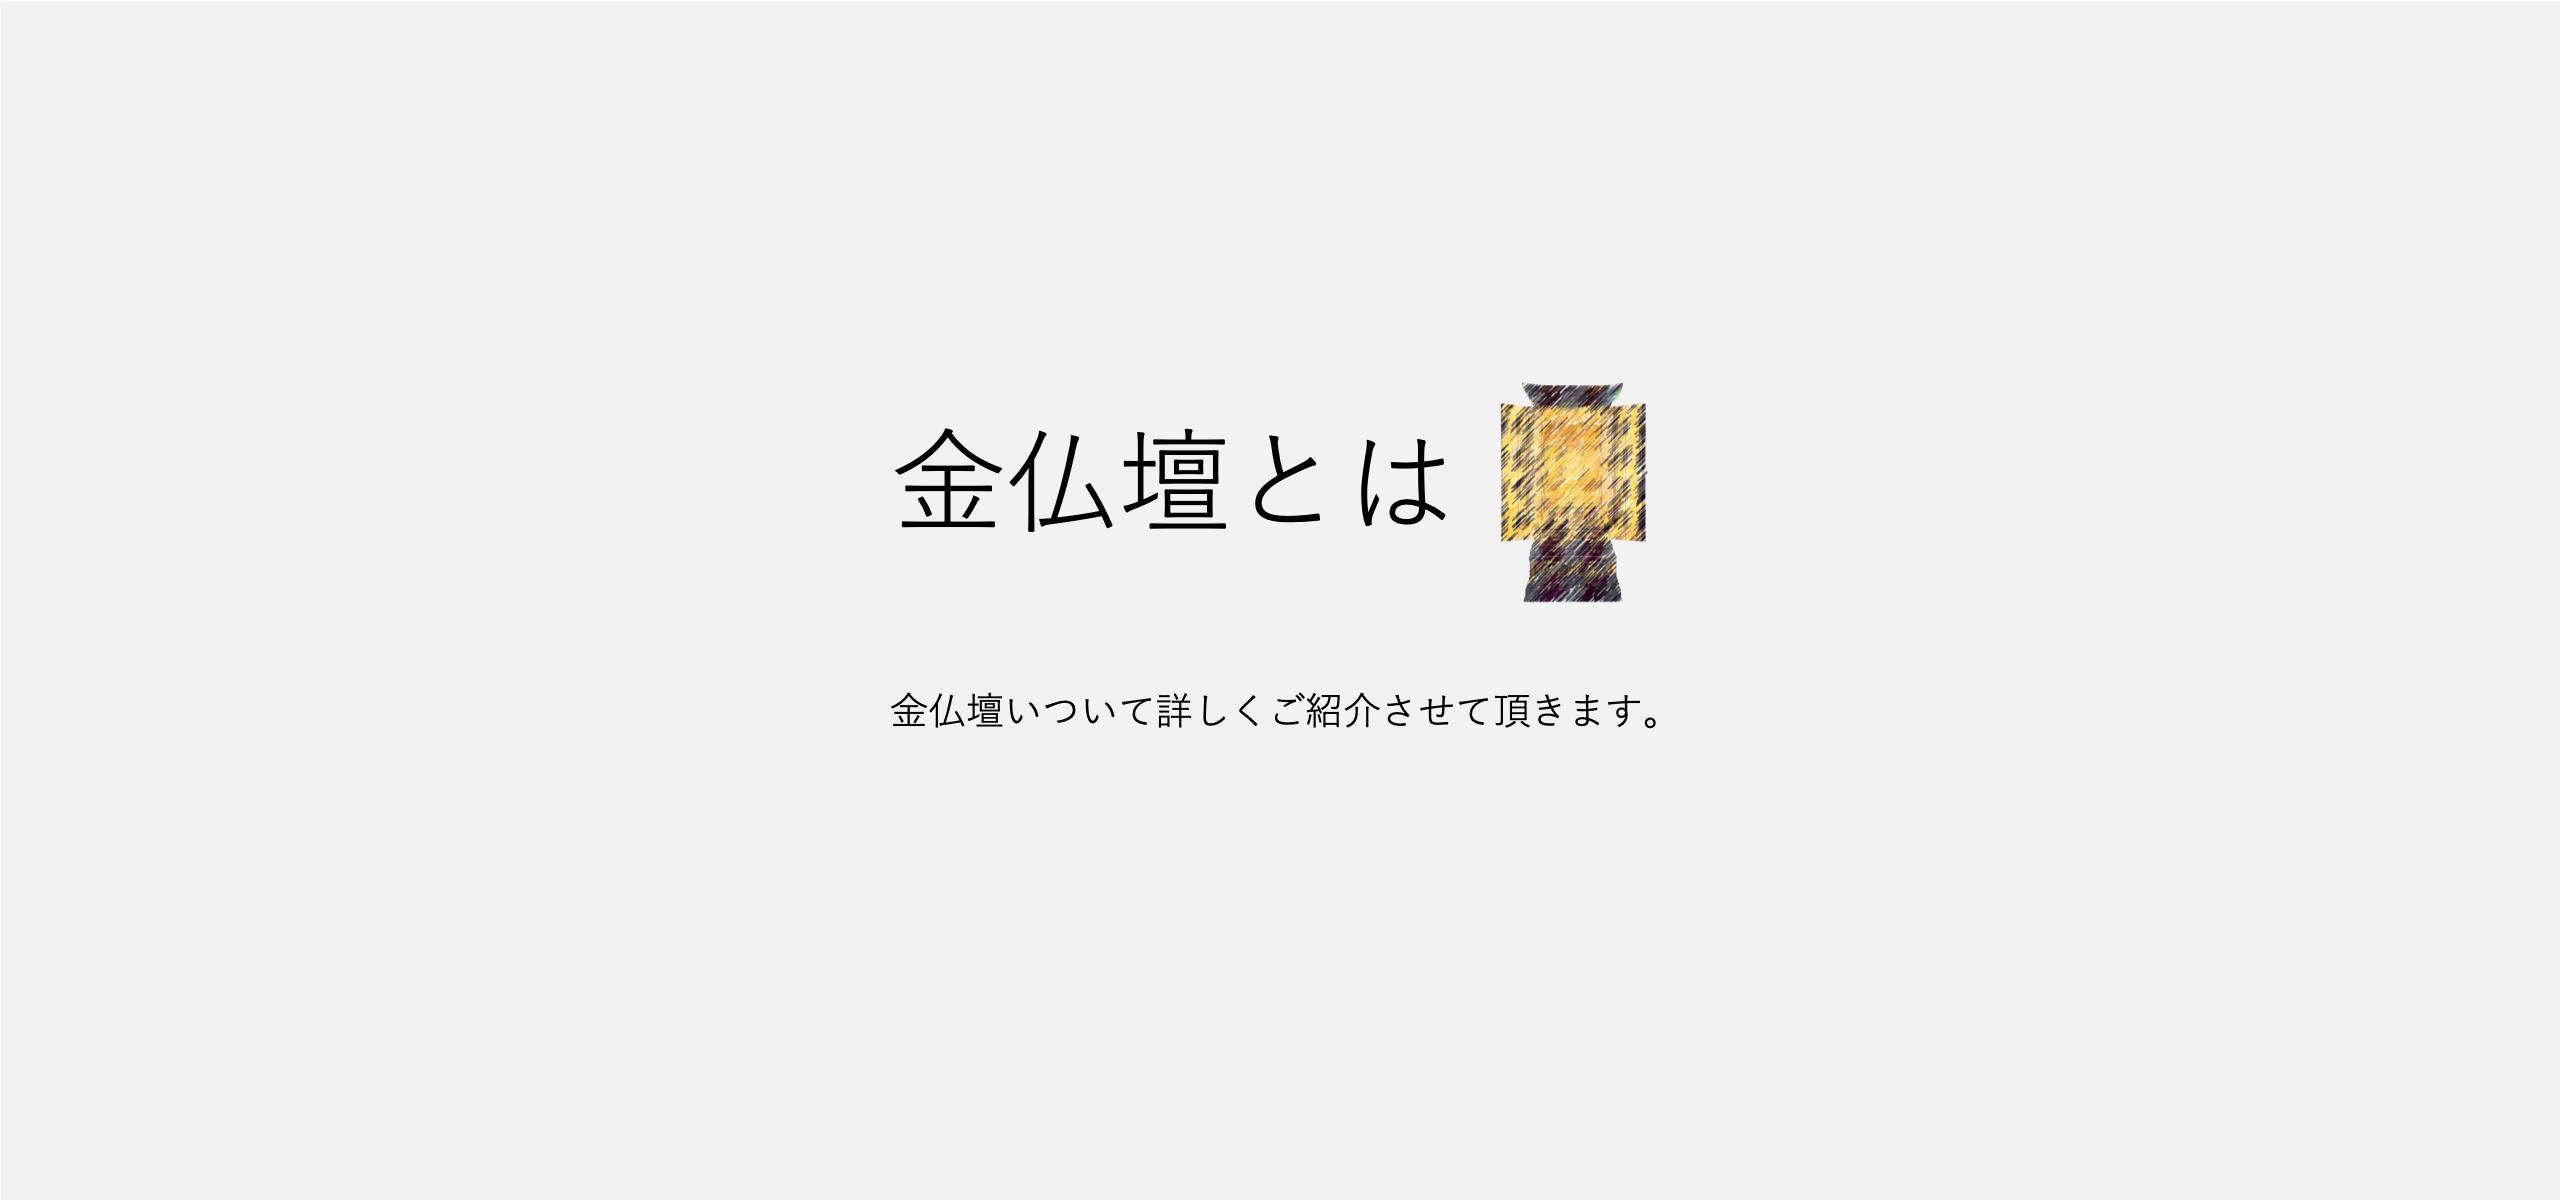 金仏壇とは